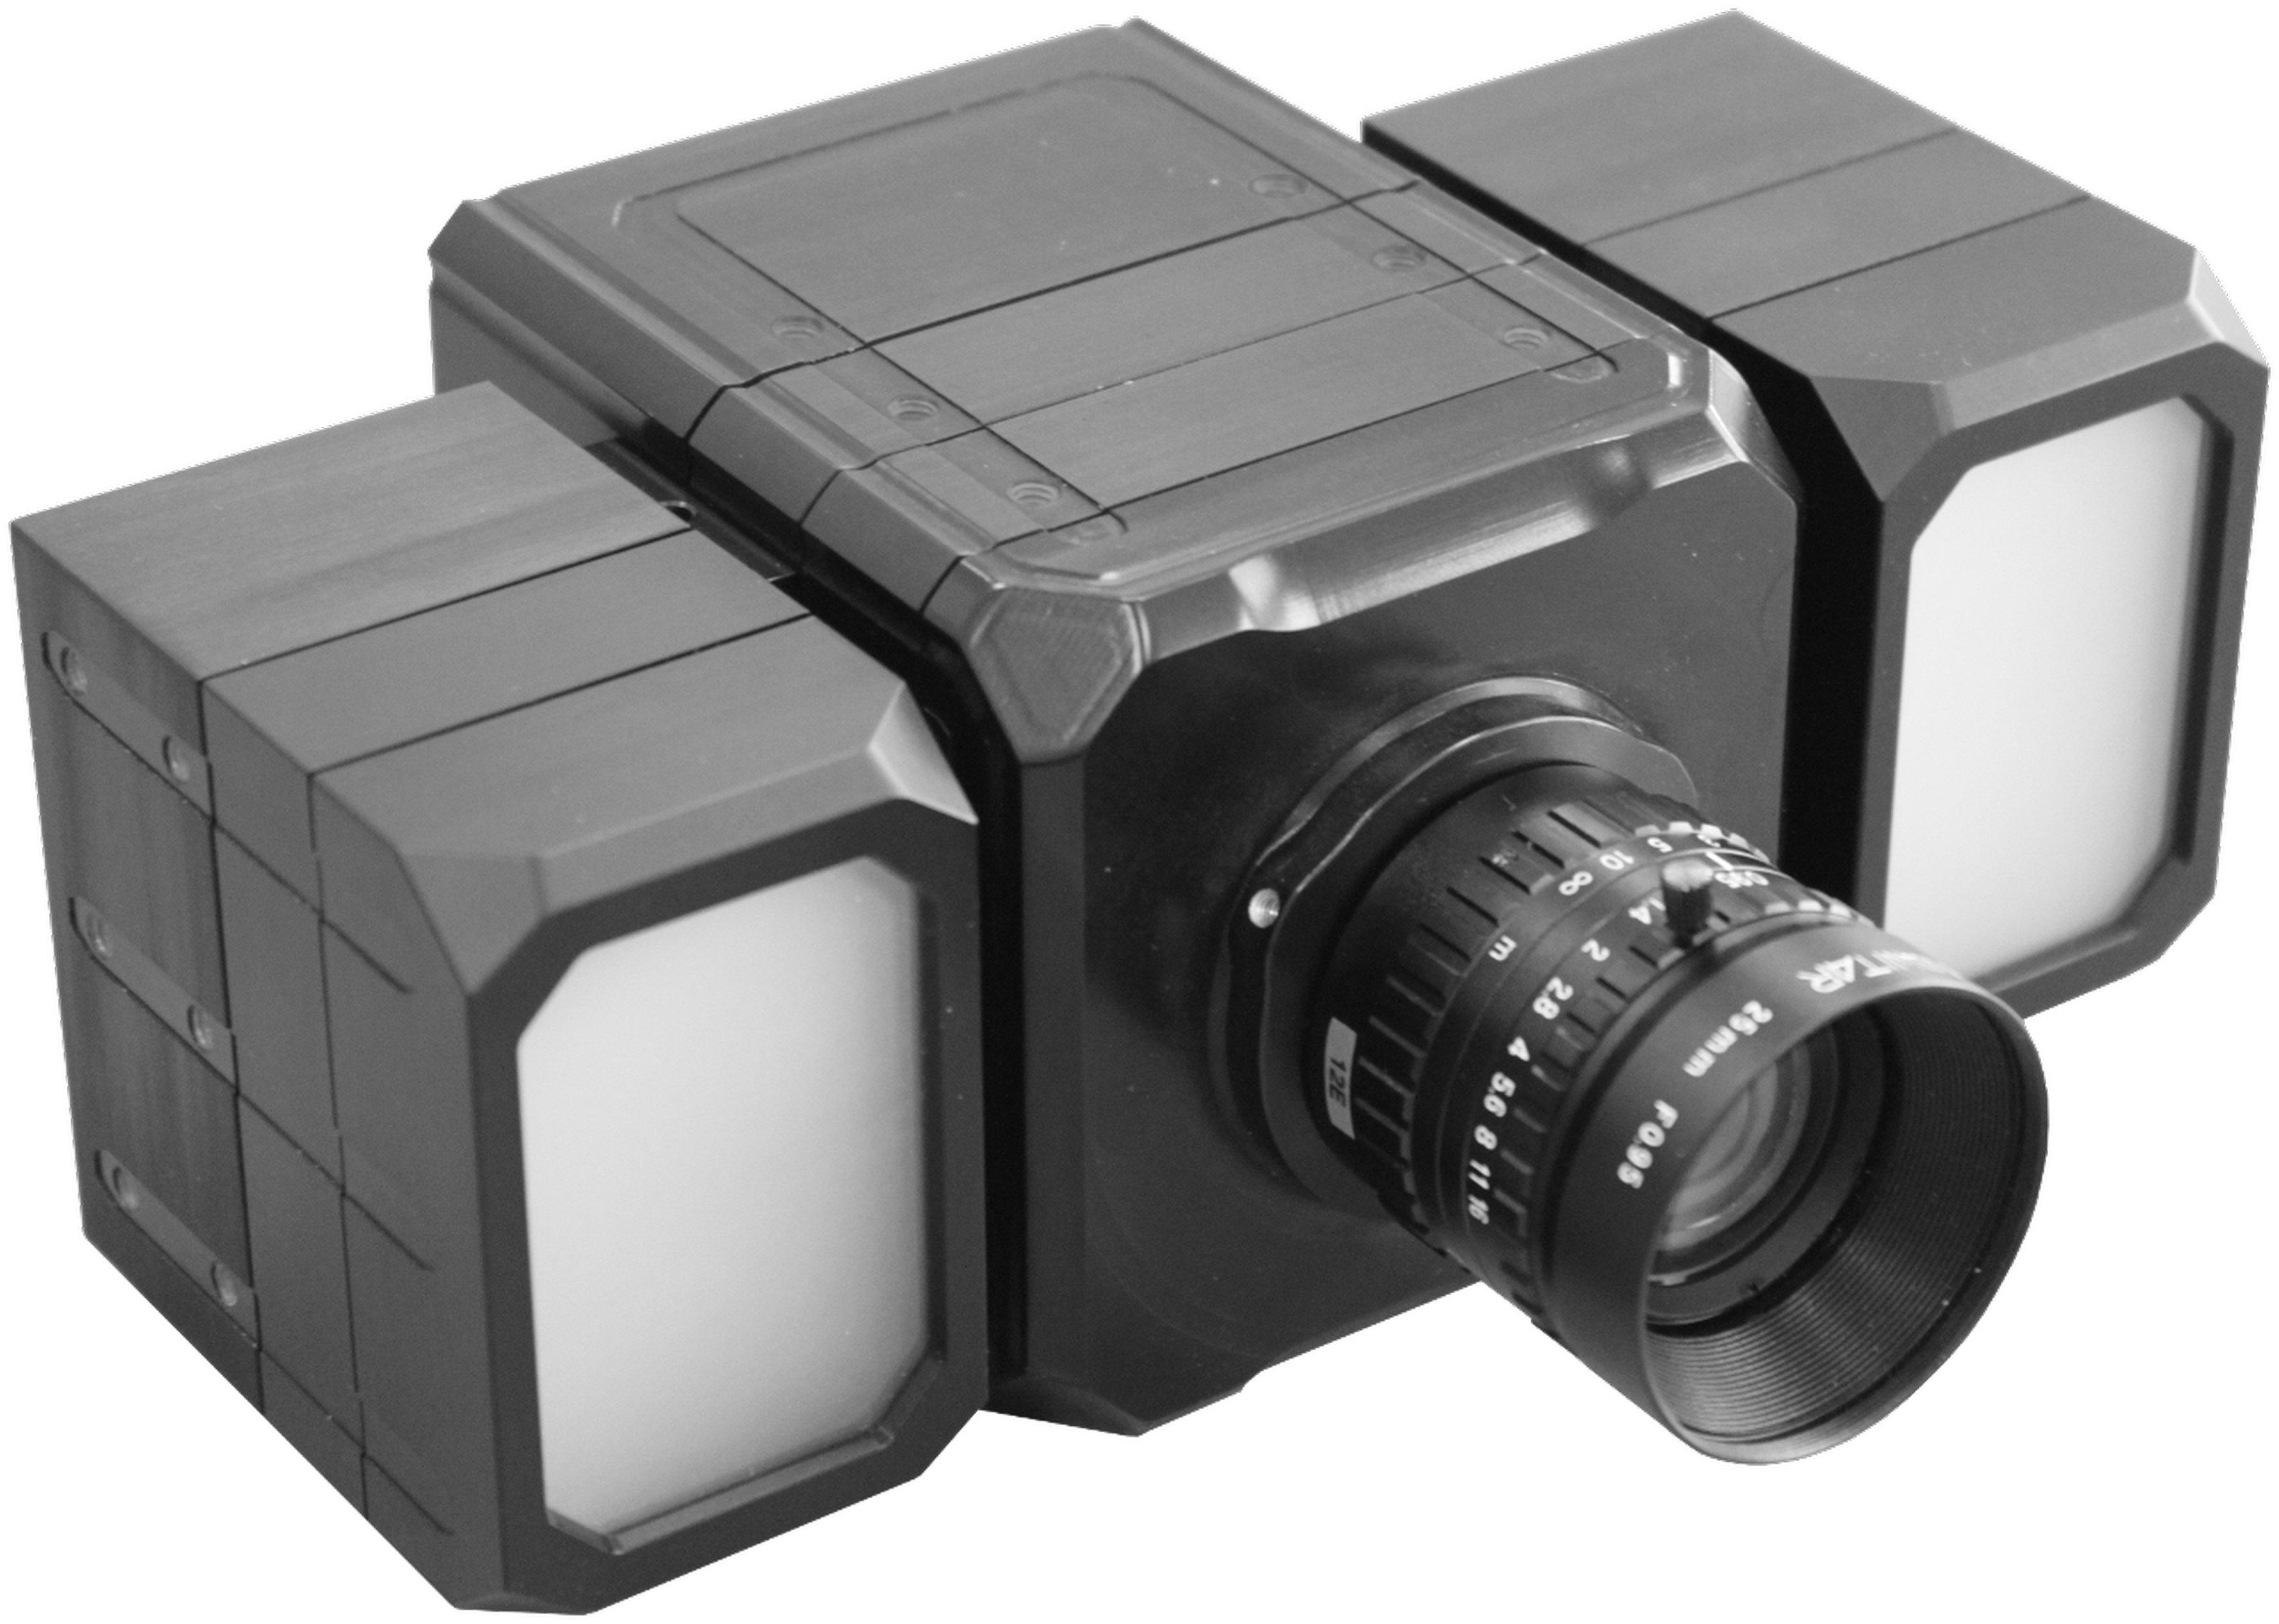 Das neue Kamerasystem liefert zuverlässigen Daten kann bei Objektentfernungen von einem halben Meter bis zu etwa 10 Metern.